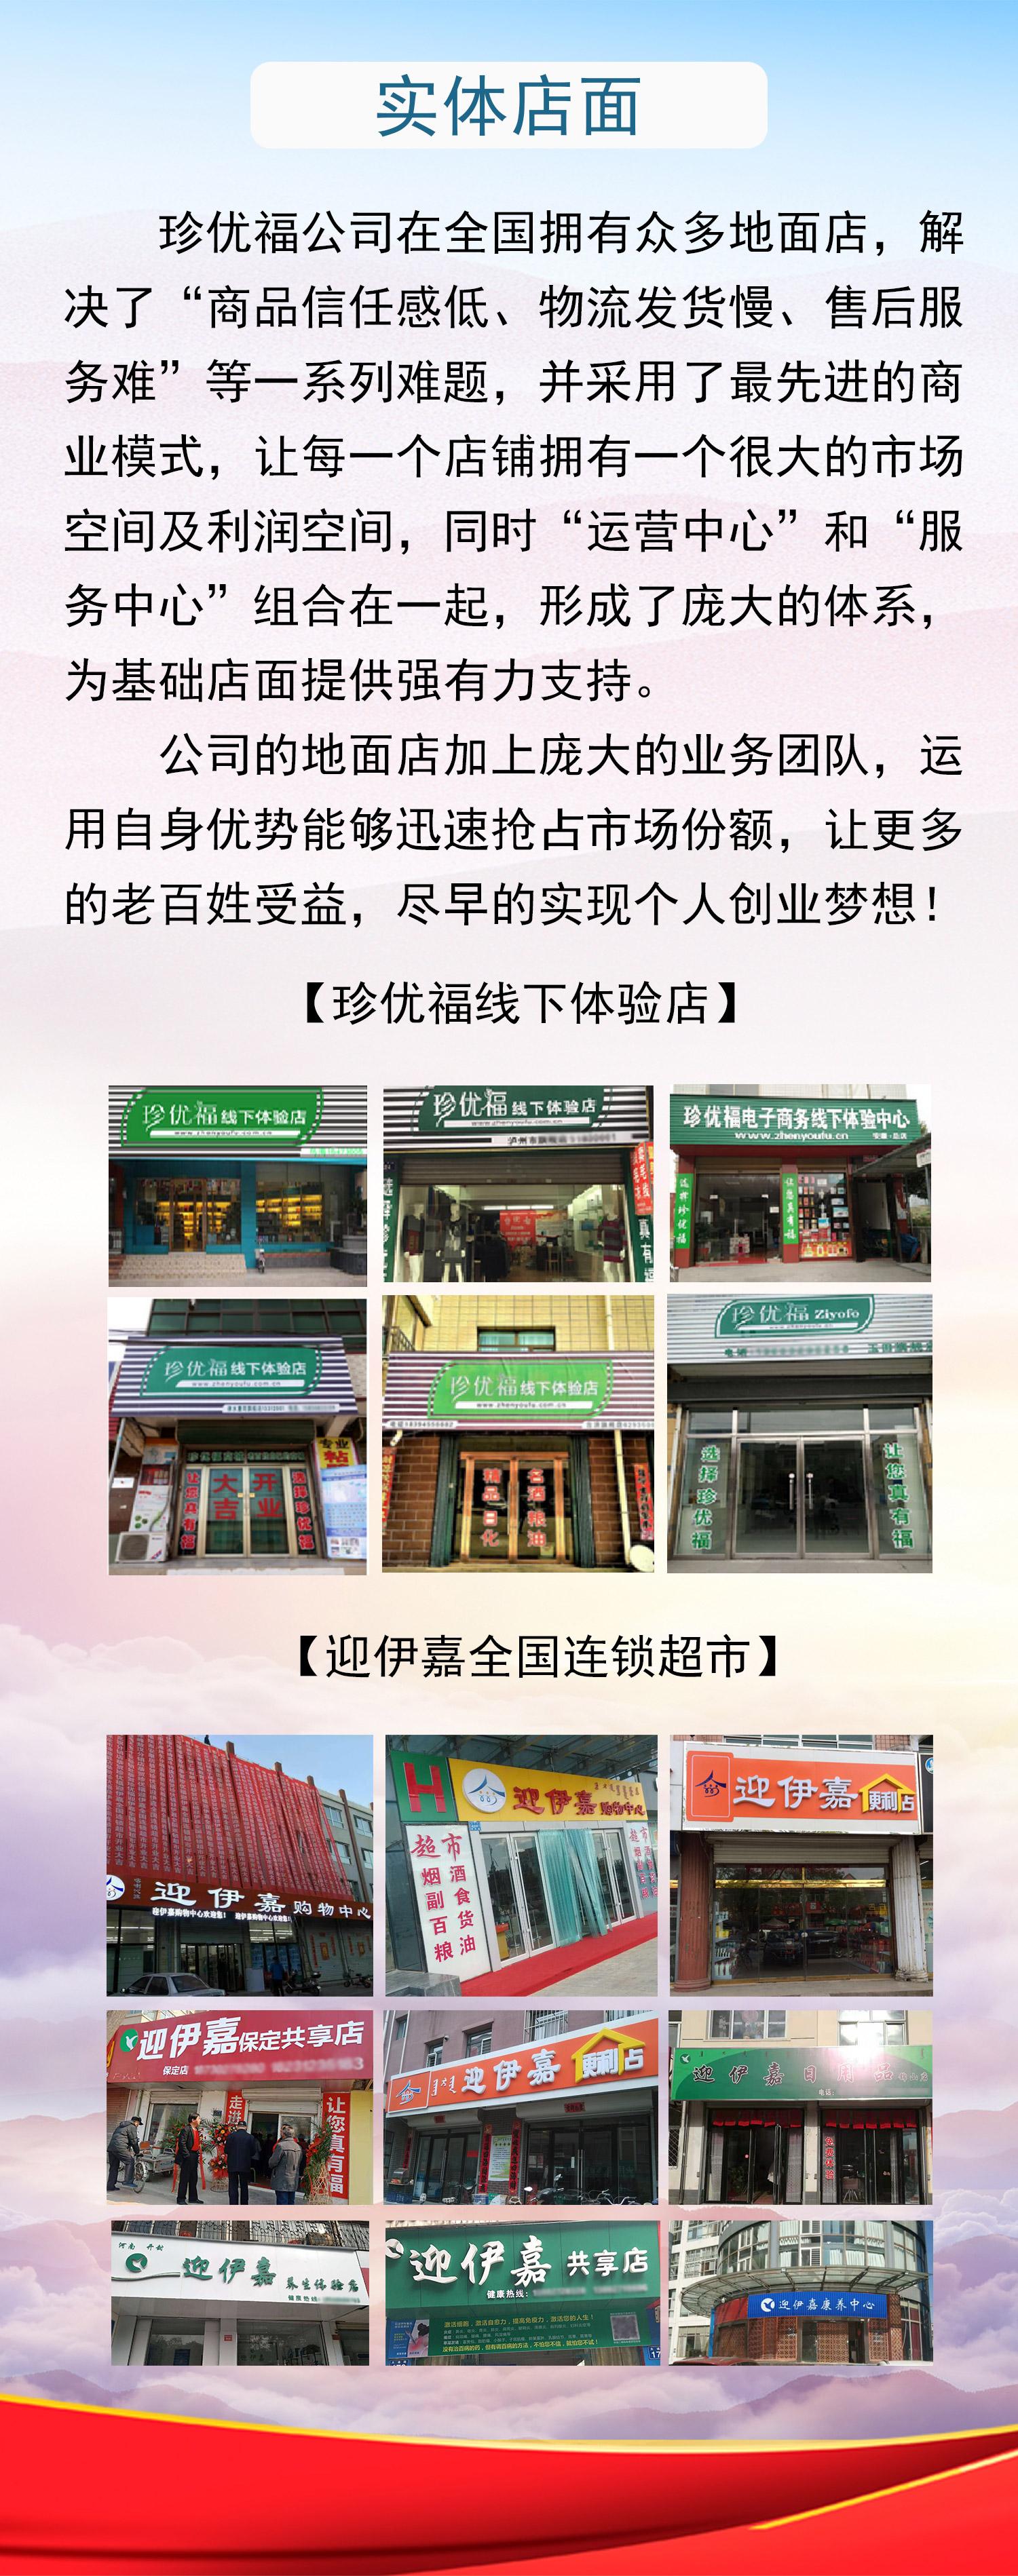 http://image.zhenyoufu.com.cn/shop/article/06711082968607526.jpg